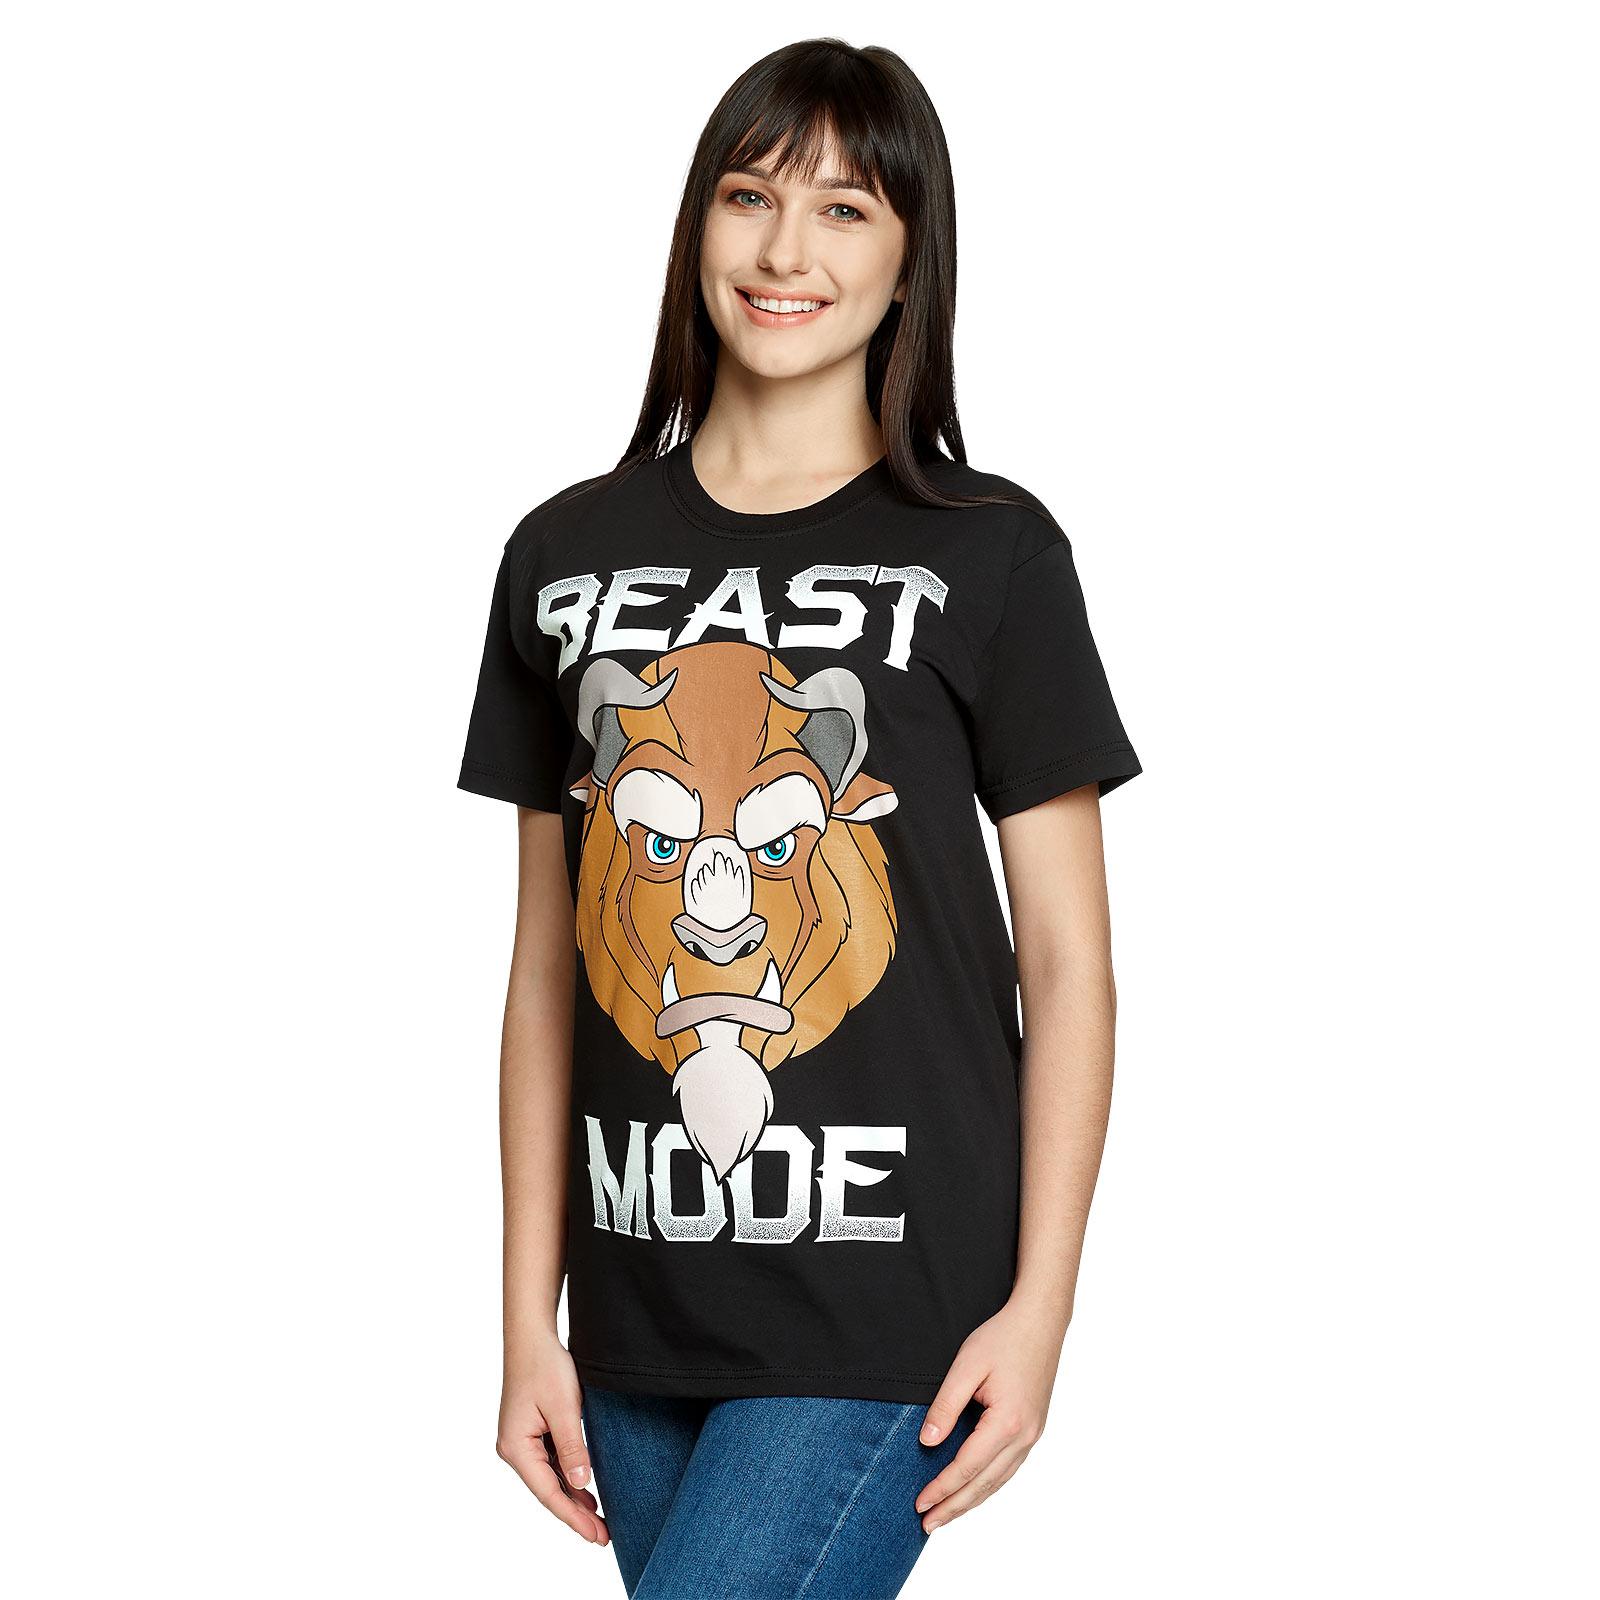 Die Schöne und das Biest - Beast Mode T-Shirt schwarz